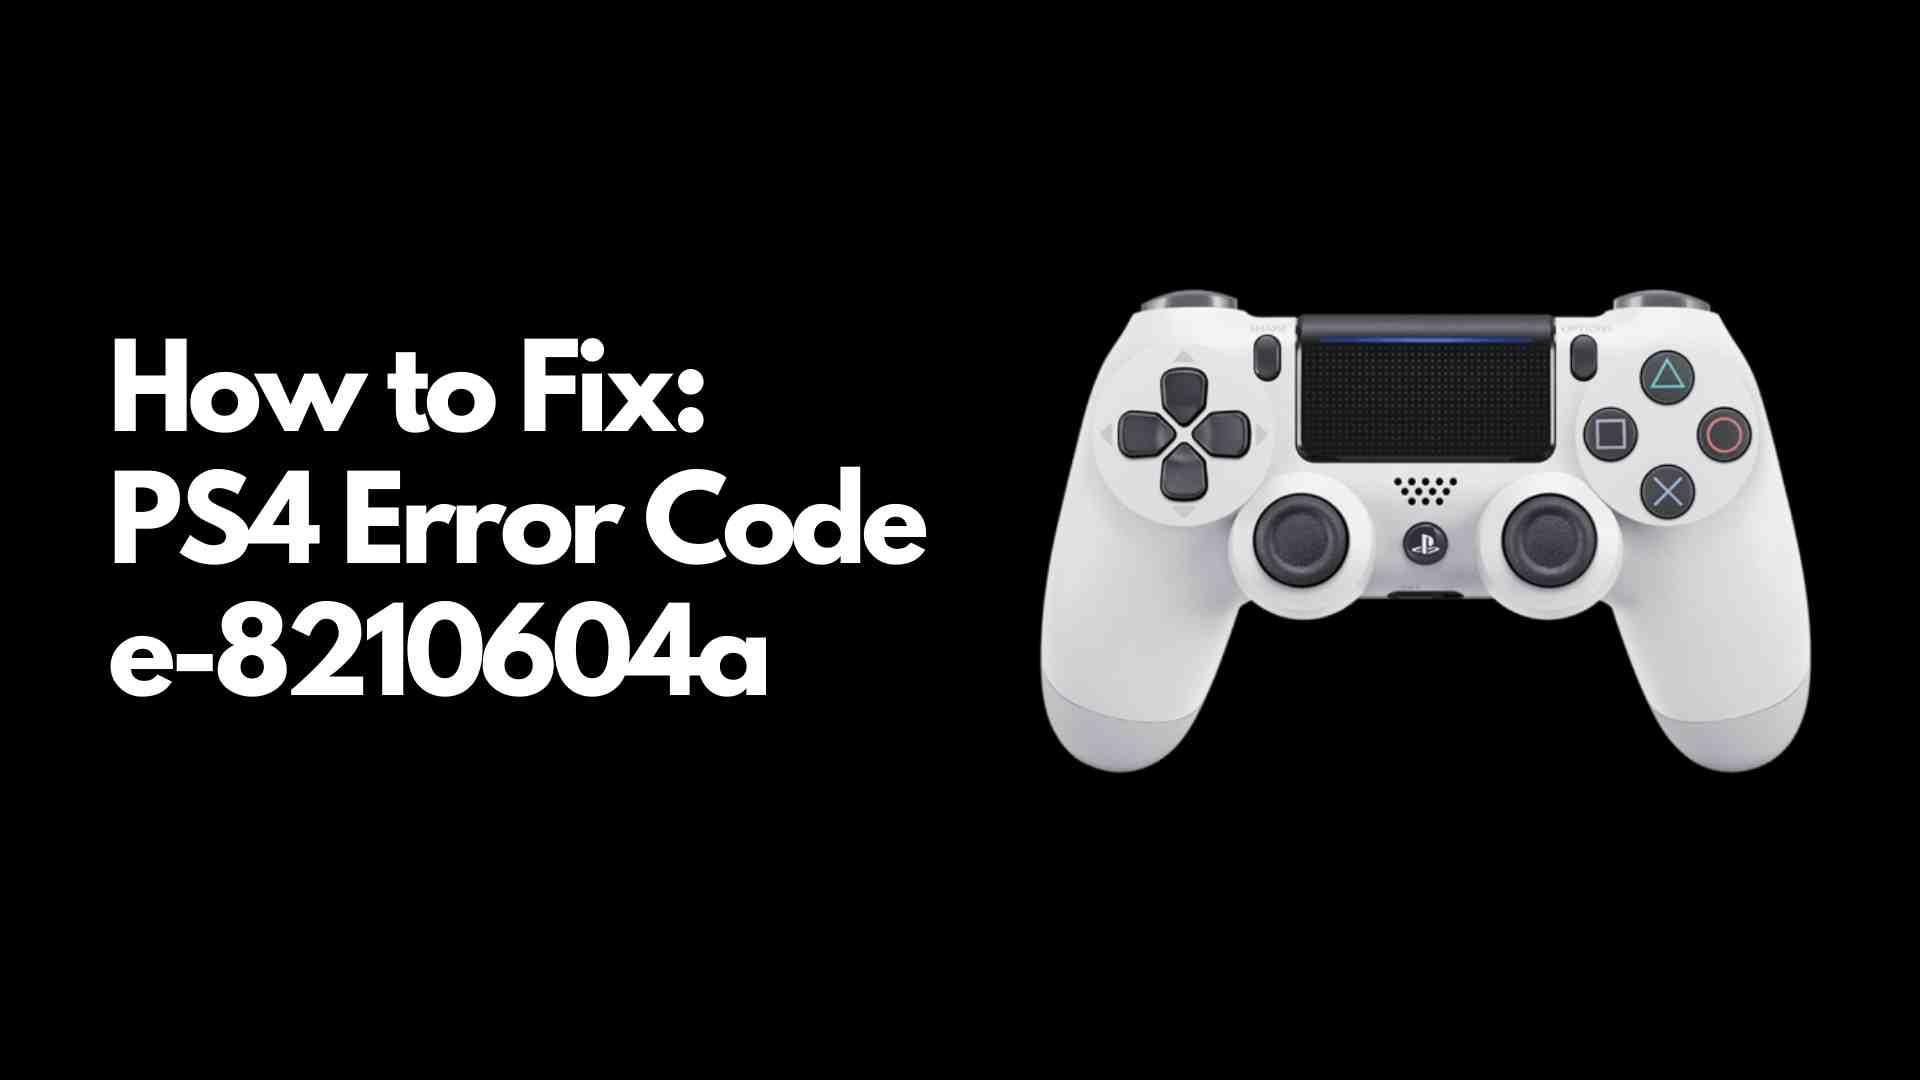 PS4 Error Code e-8210604a